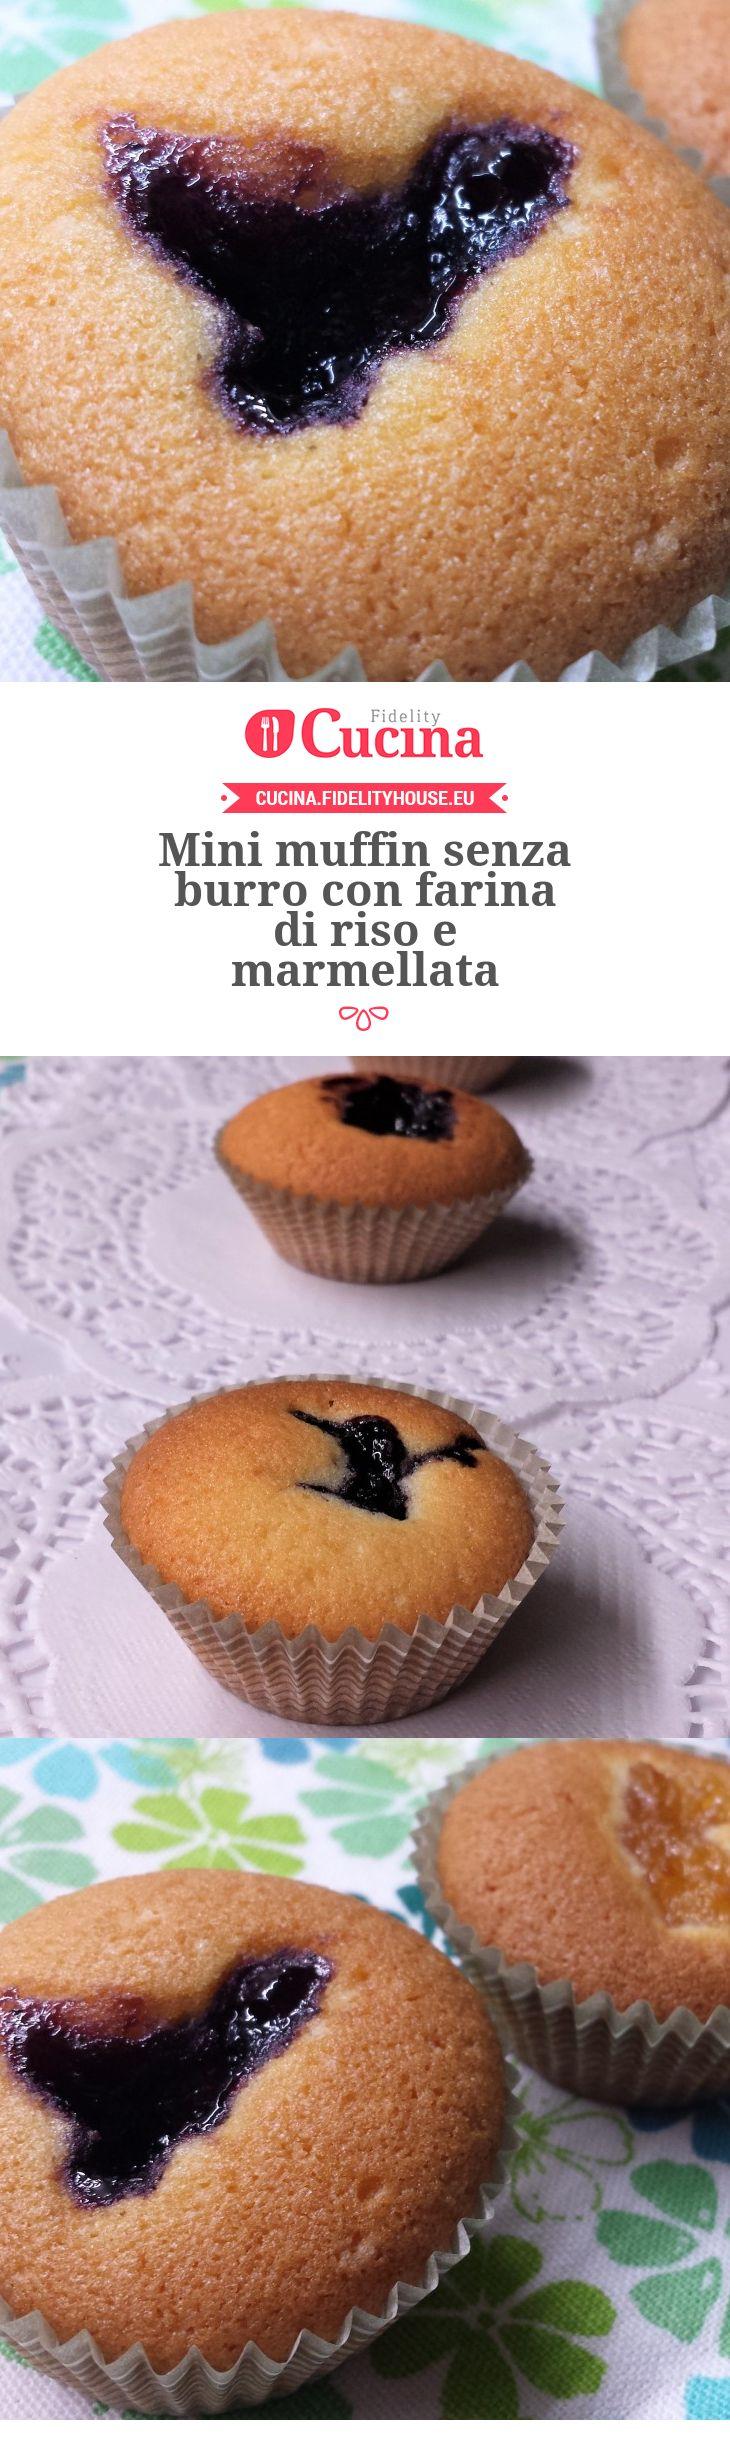 Mini muffin senza burro con farina di riso e marmellata della nostra utente Giada. Unisciti alla nostra Community ed invia le tue ricette!